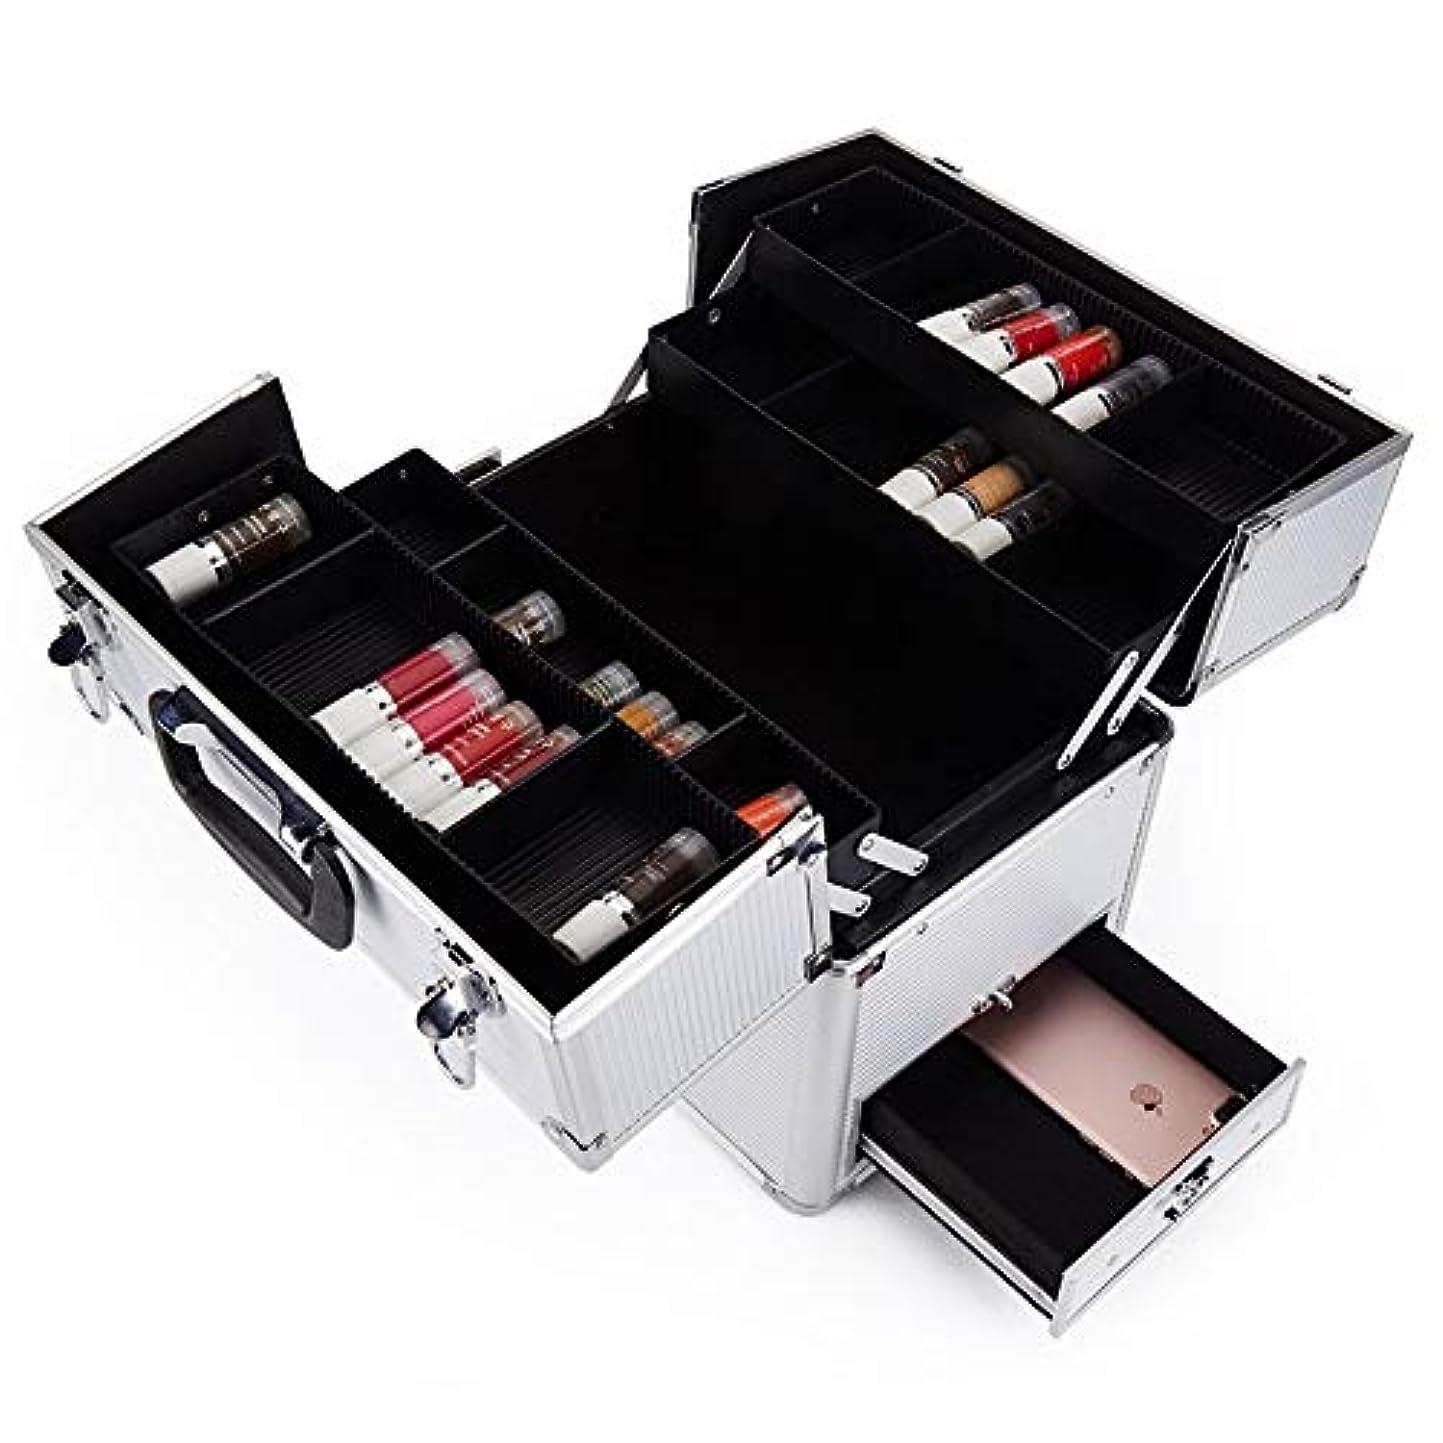 コロニー名詞コンサルタント特大スペース収納ビューティーボックス 美の構造のためそしてジッパーおよび折る皿が付いている女の子の女性旅行そして毎日の貯蔵のための高容量の携帯用化粧品袋 化粧品化粧台